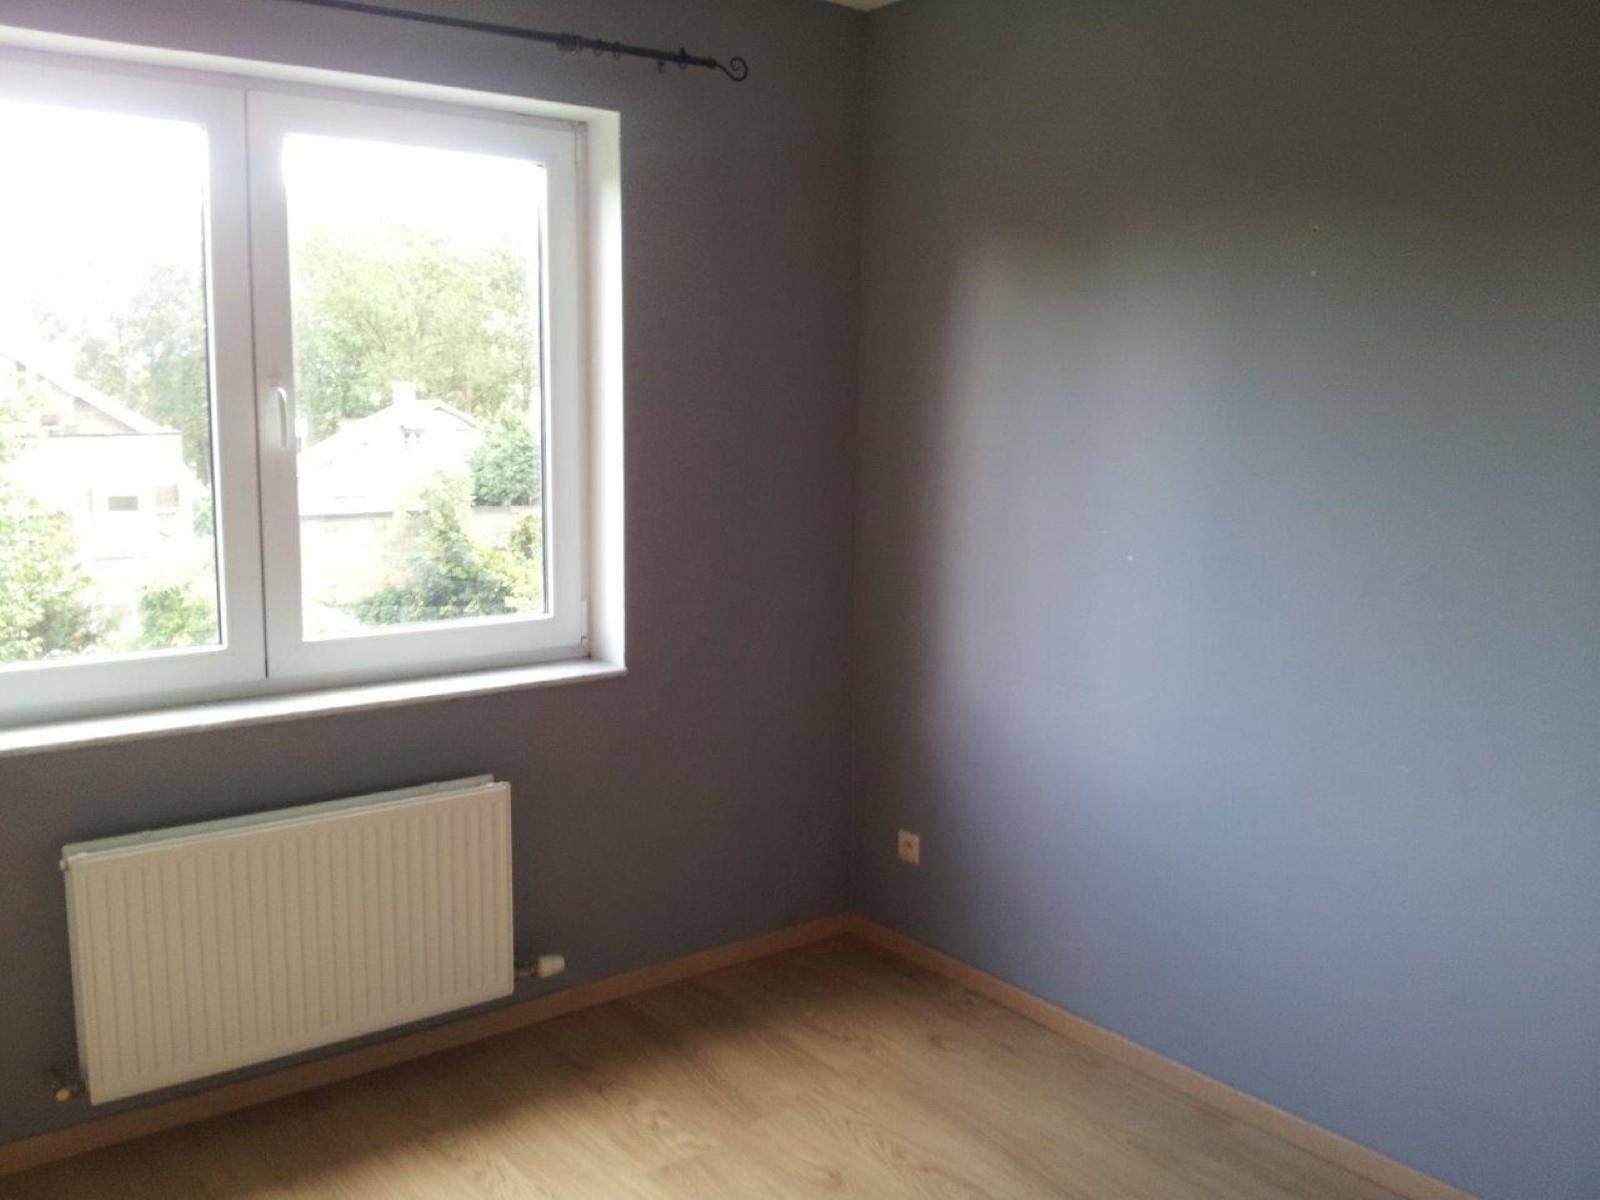 Appartement - Berchem-Sainte-Agathe - #3600663-6